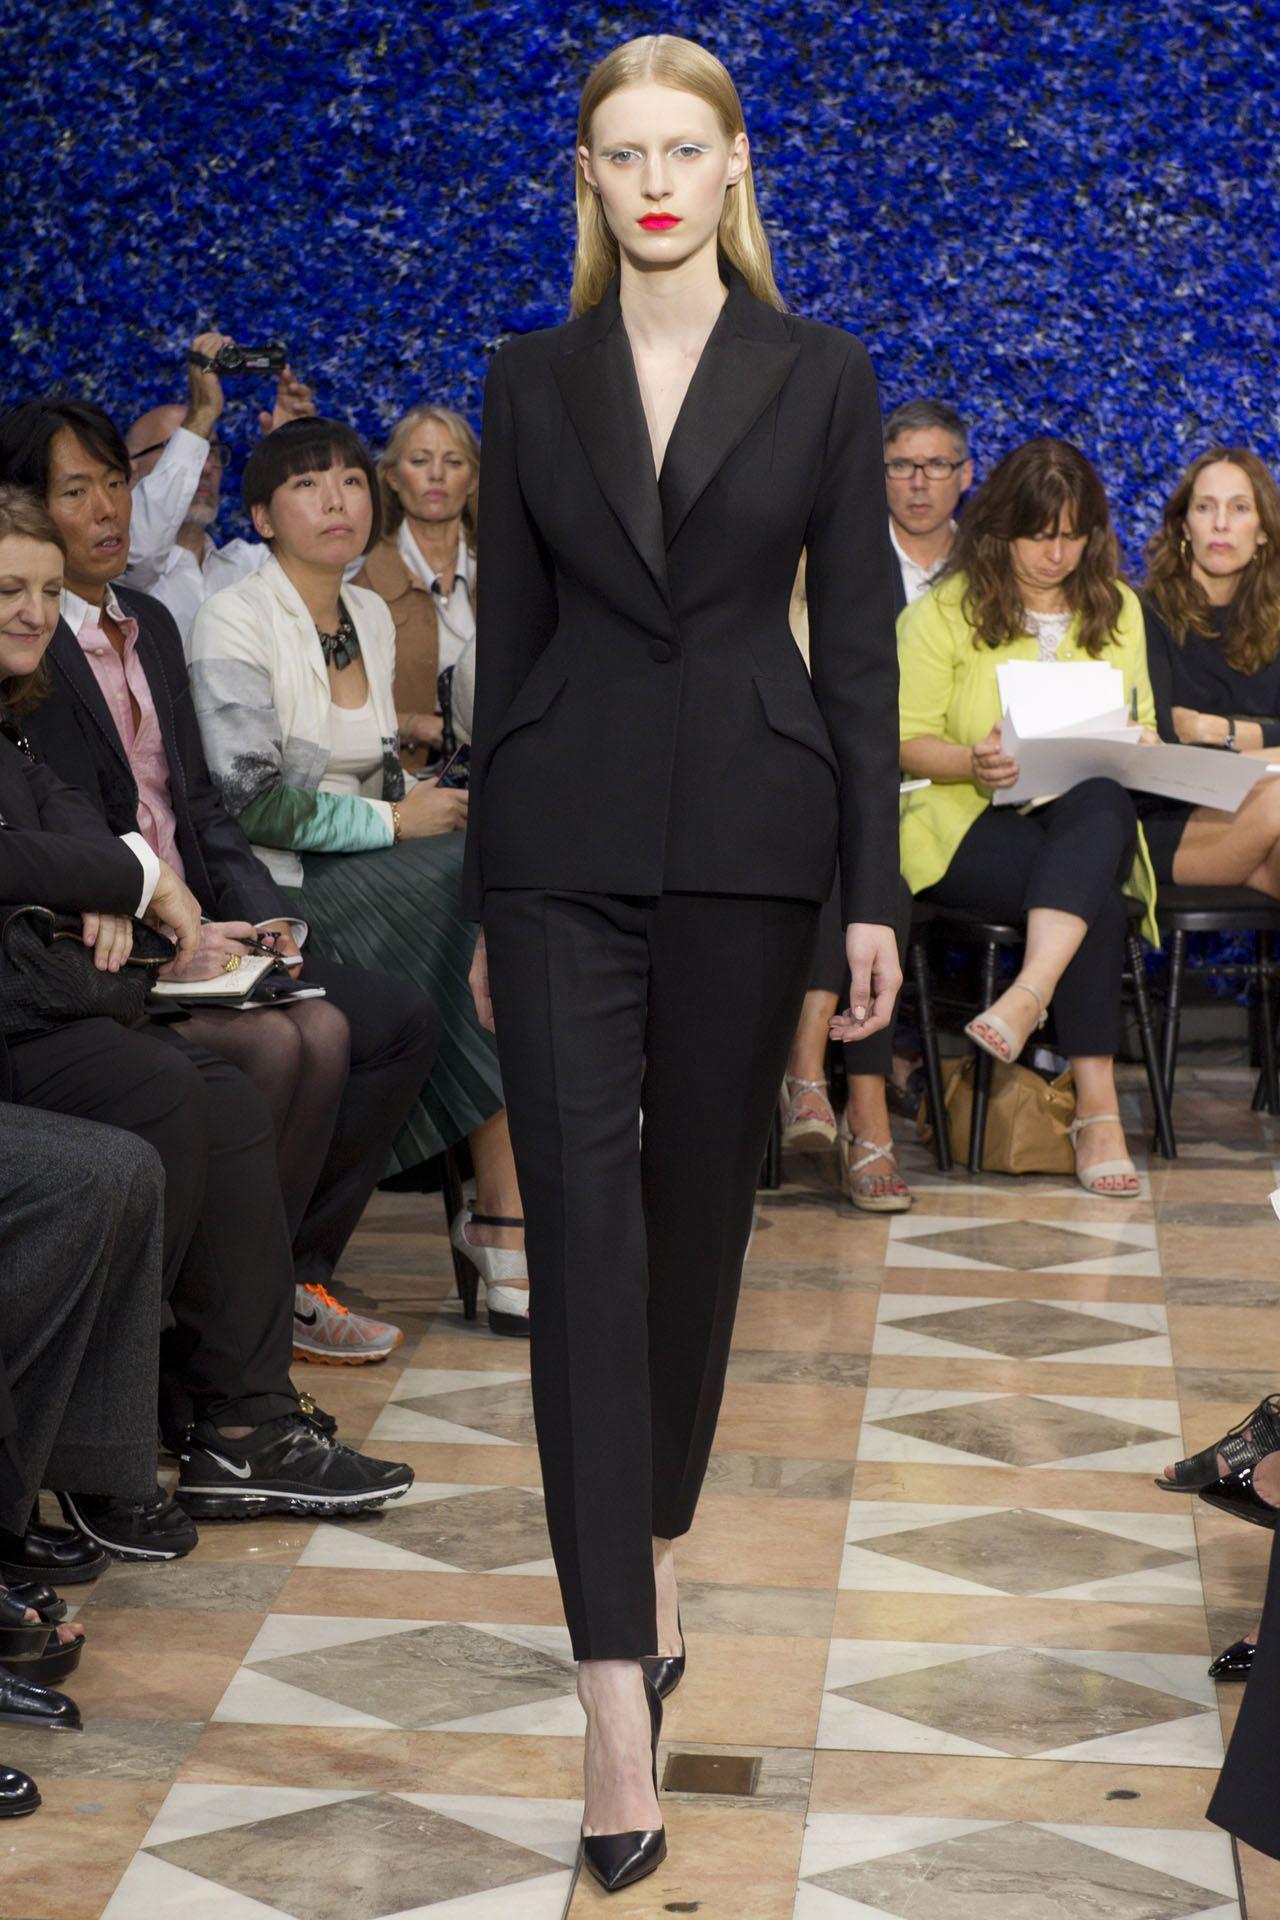 Coleção // Christian Dior, Paris, Inverno 2012 HC // Foto 1 // Desfiles // FFW